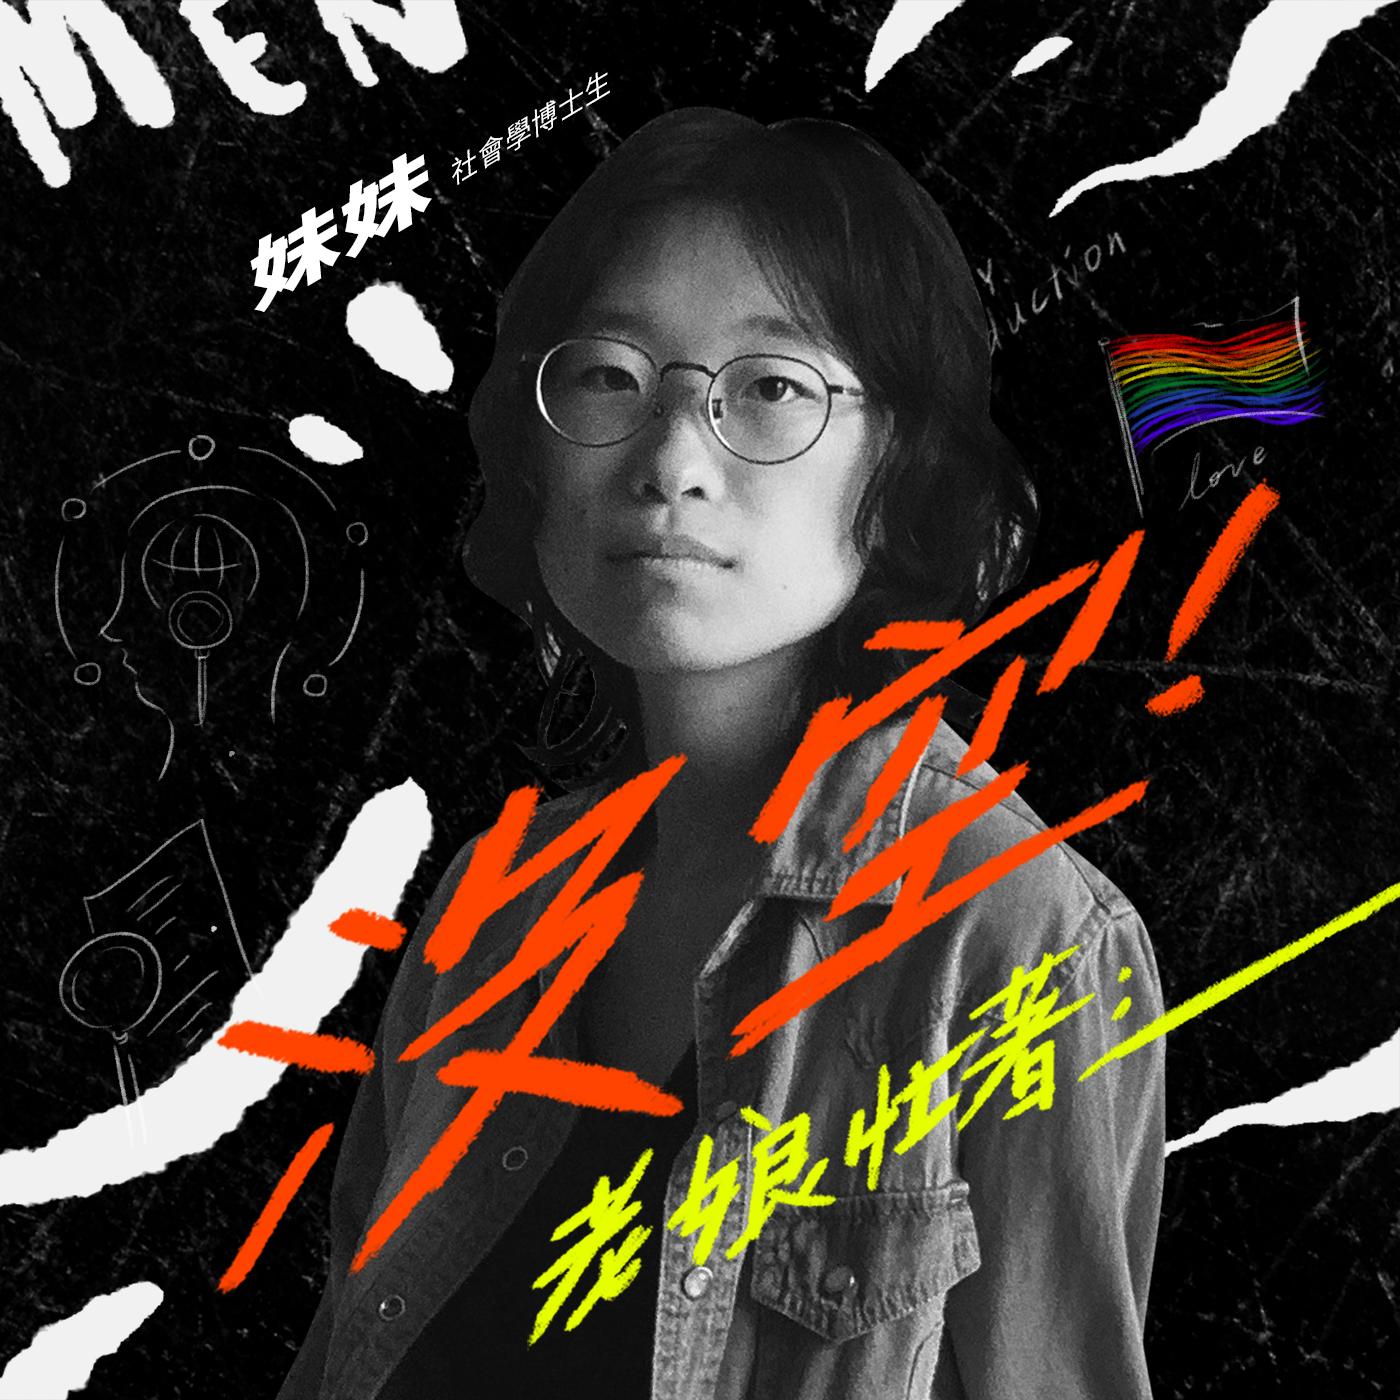 S1E6 妹妹/社會學博士生(上) - 在孤獨的性別研究道路上,怎麼持續溝通前行?